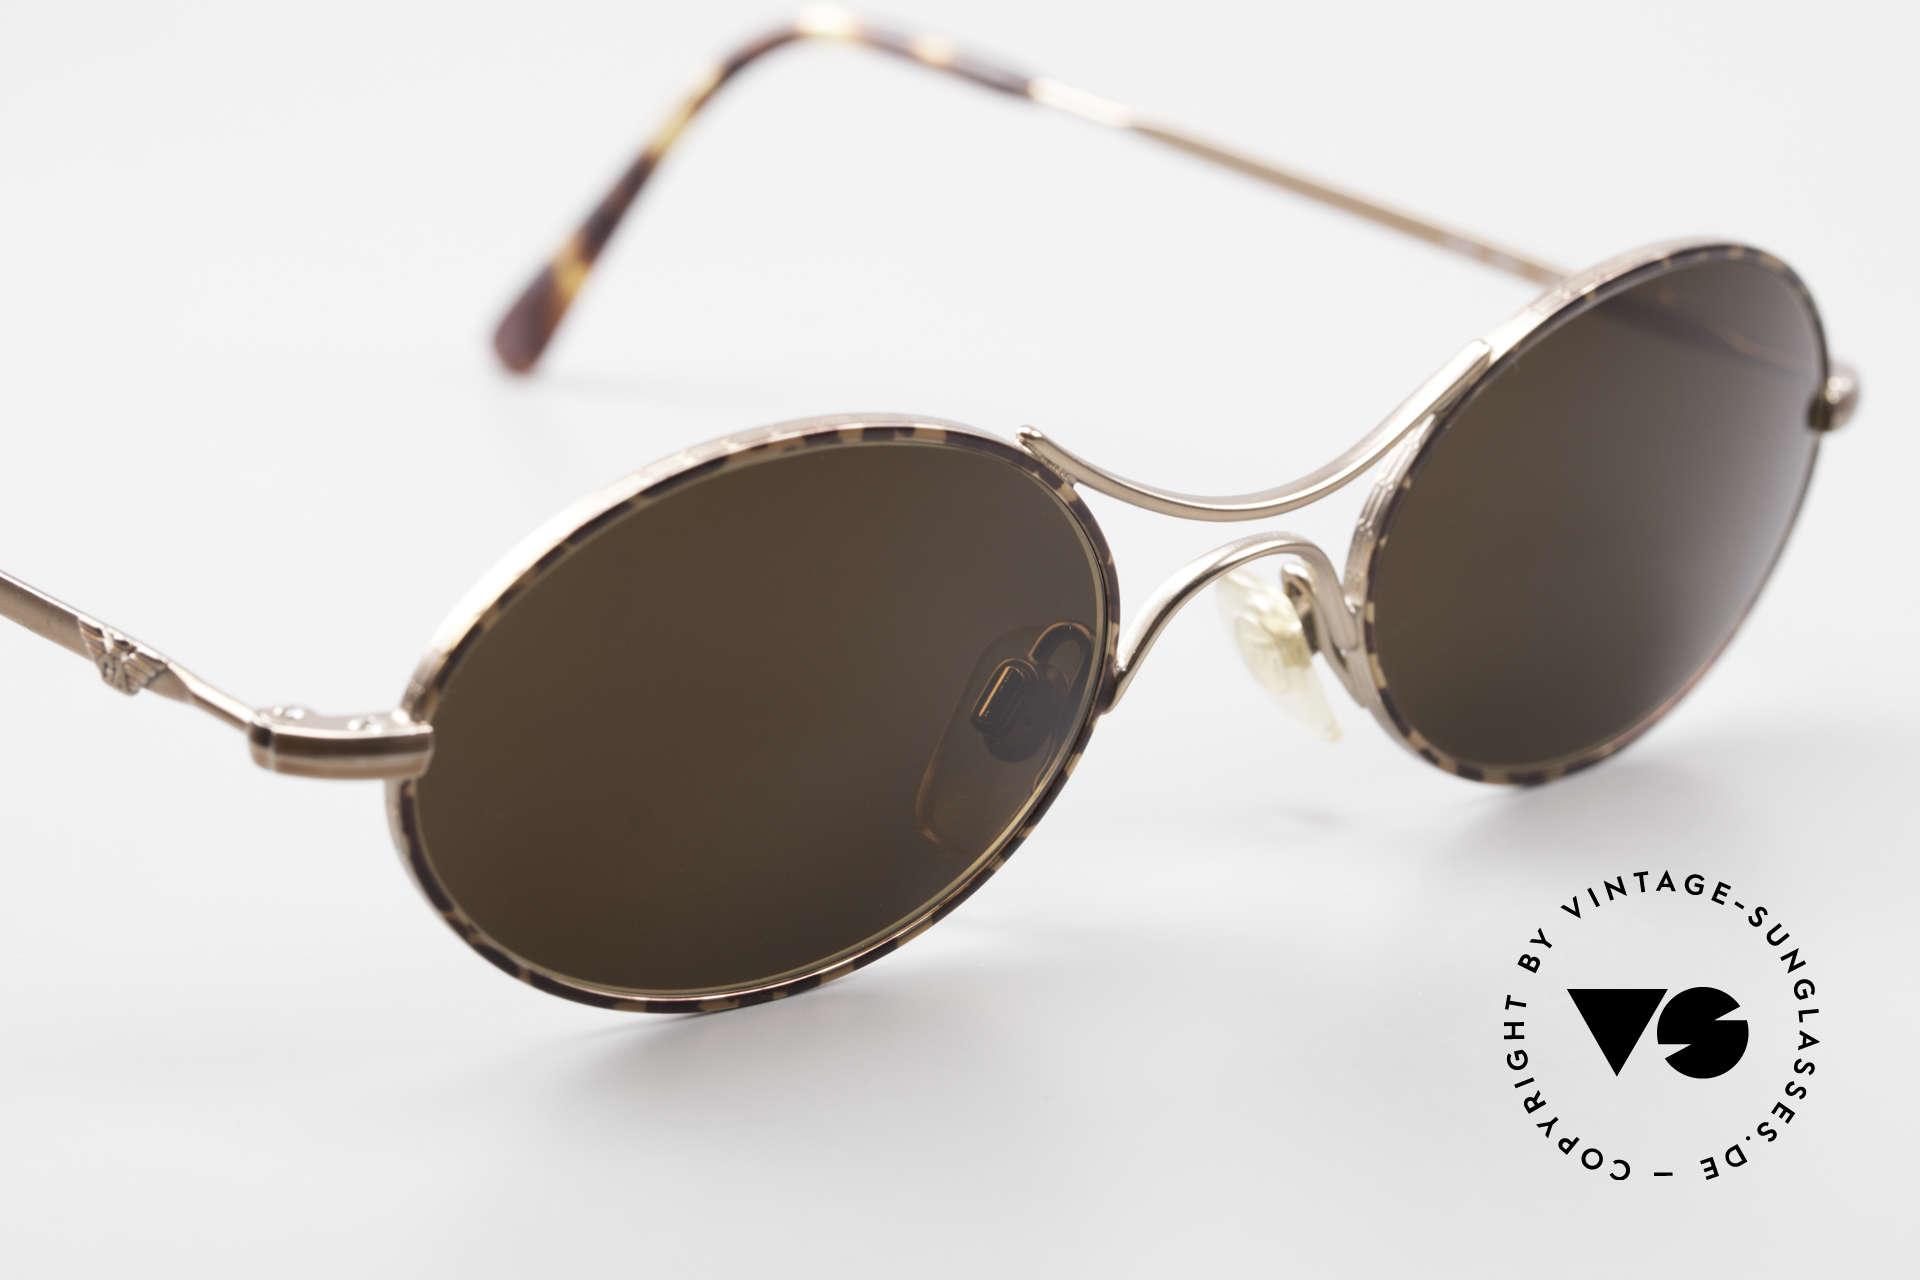 Giorgio Armani EA044 Successor Mod Schubert Glasses, small, plain and puristic 'wire glasses' with a X-bridge, Made for Men and Women